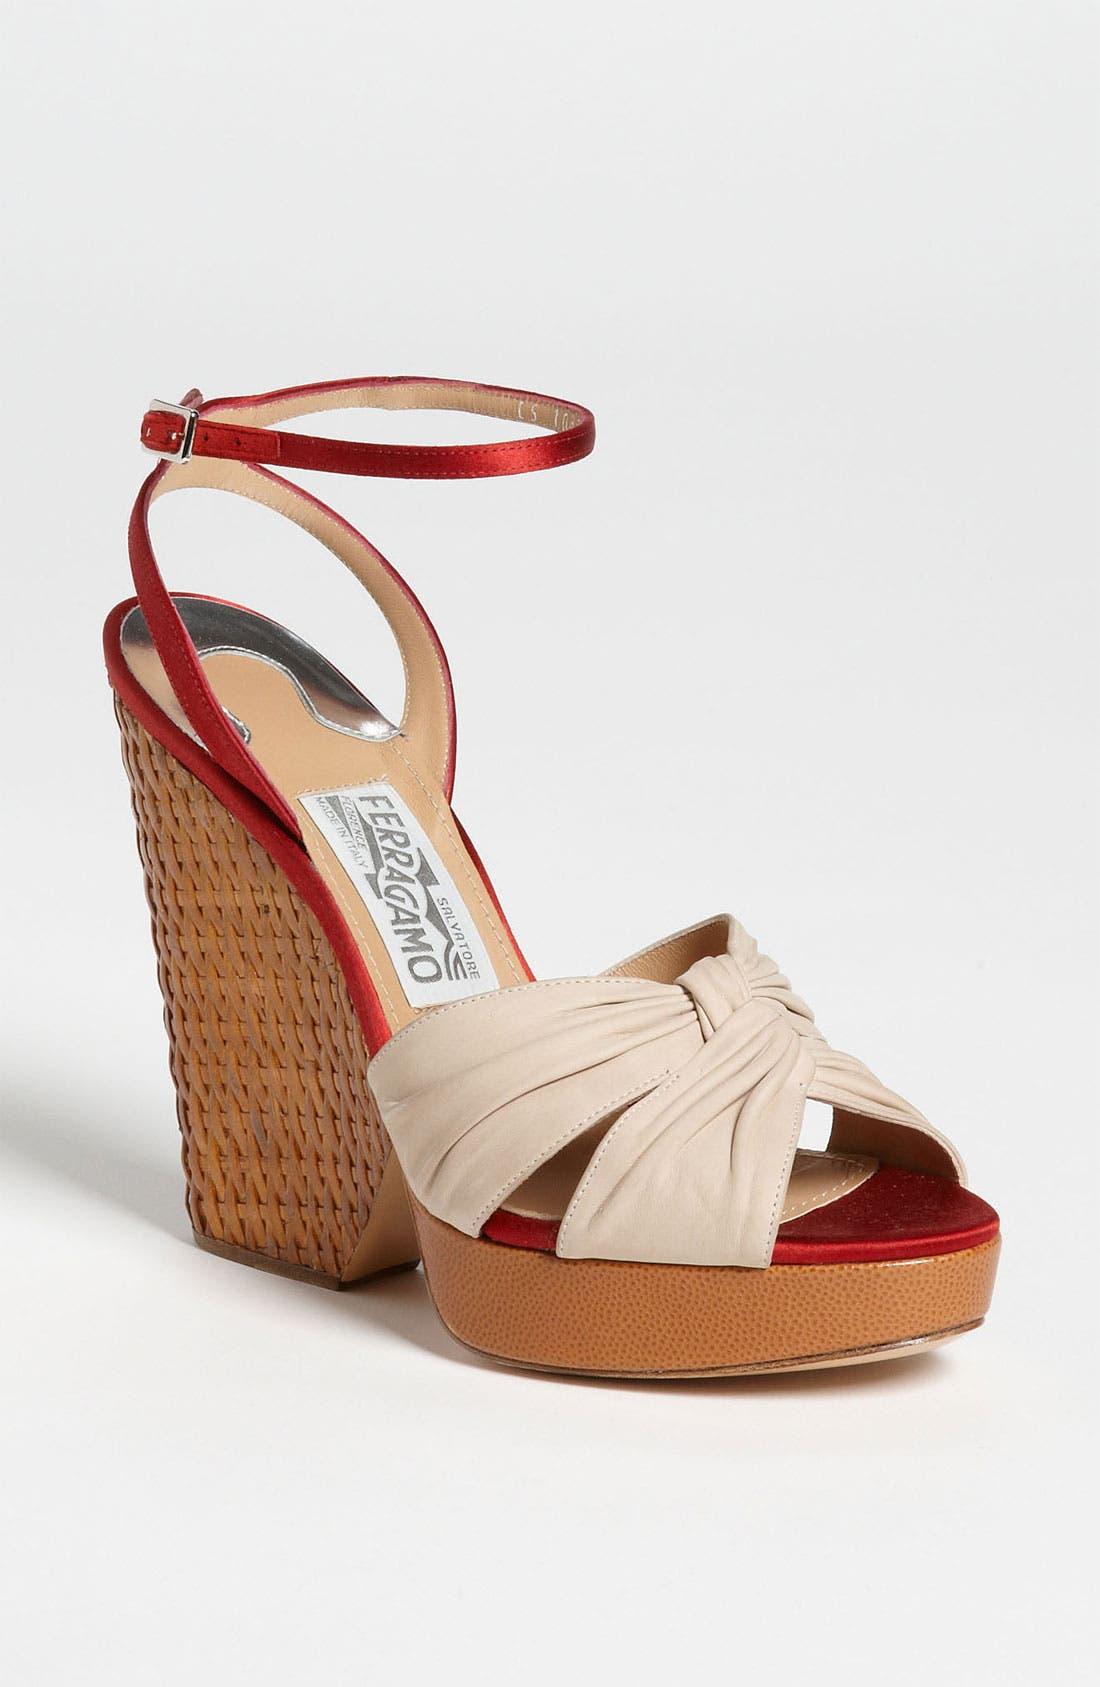 Alternate Image 1 Selected - Salvatore Ferragamo 'Suna' Sandal